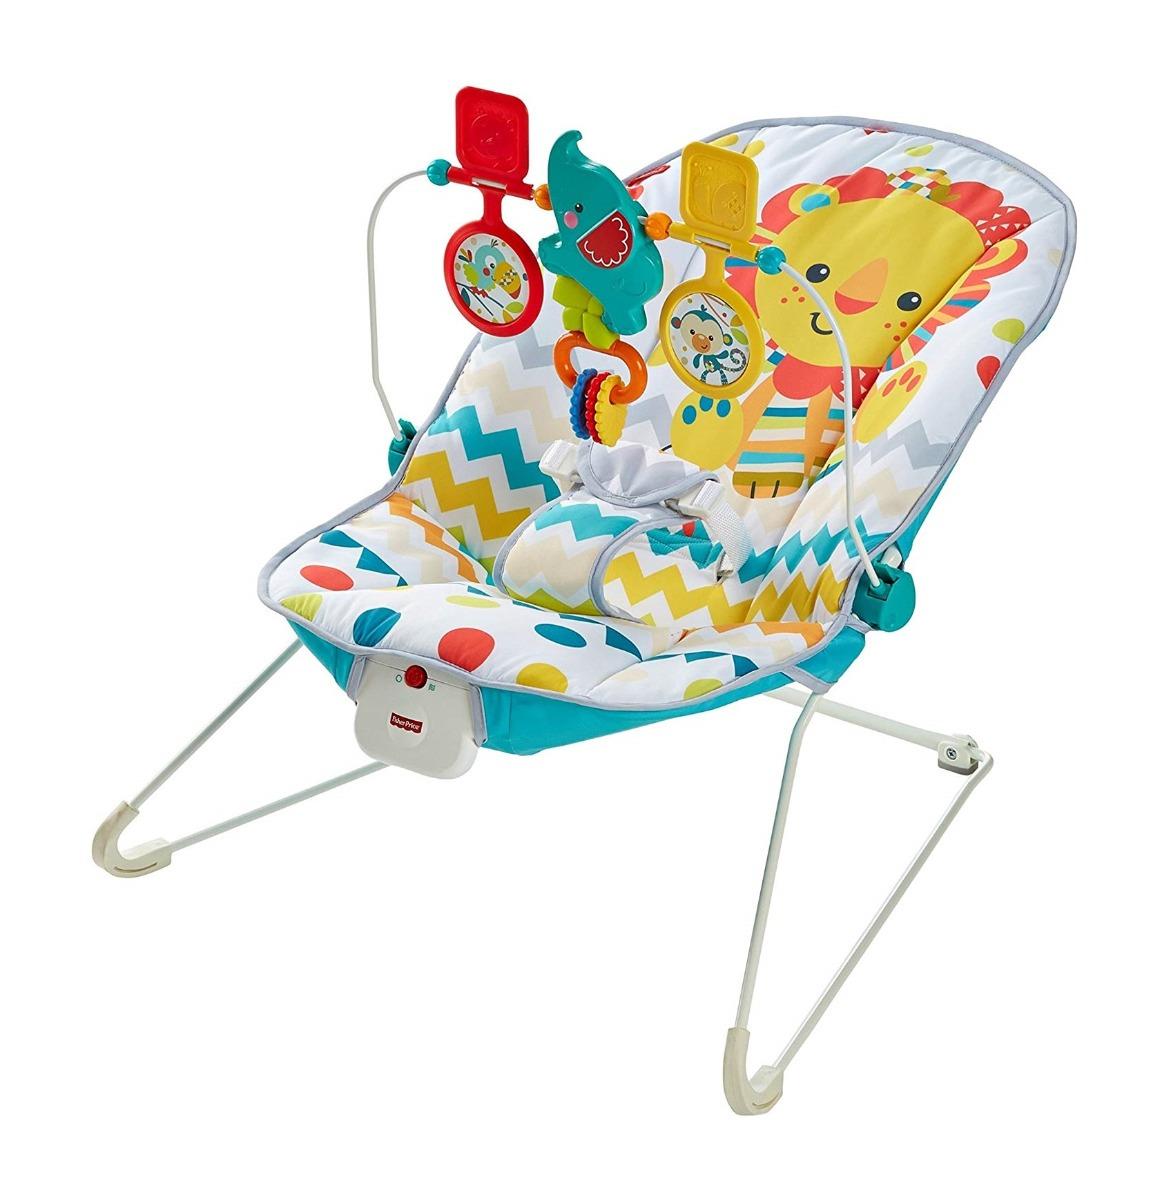 5f7380085 silla vibradora bebe fisher price dyr03 silla mecedora. Cargando zoom.